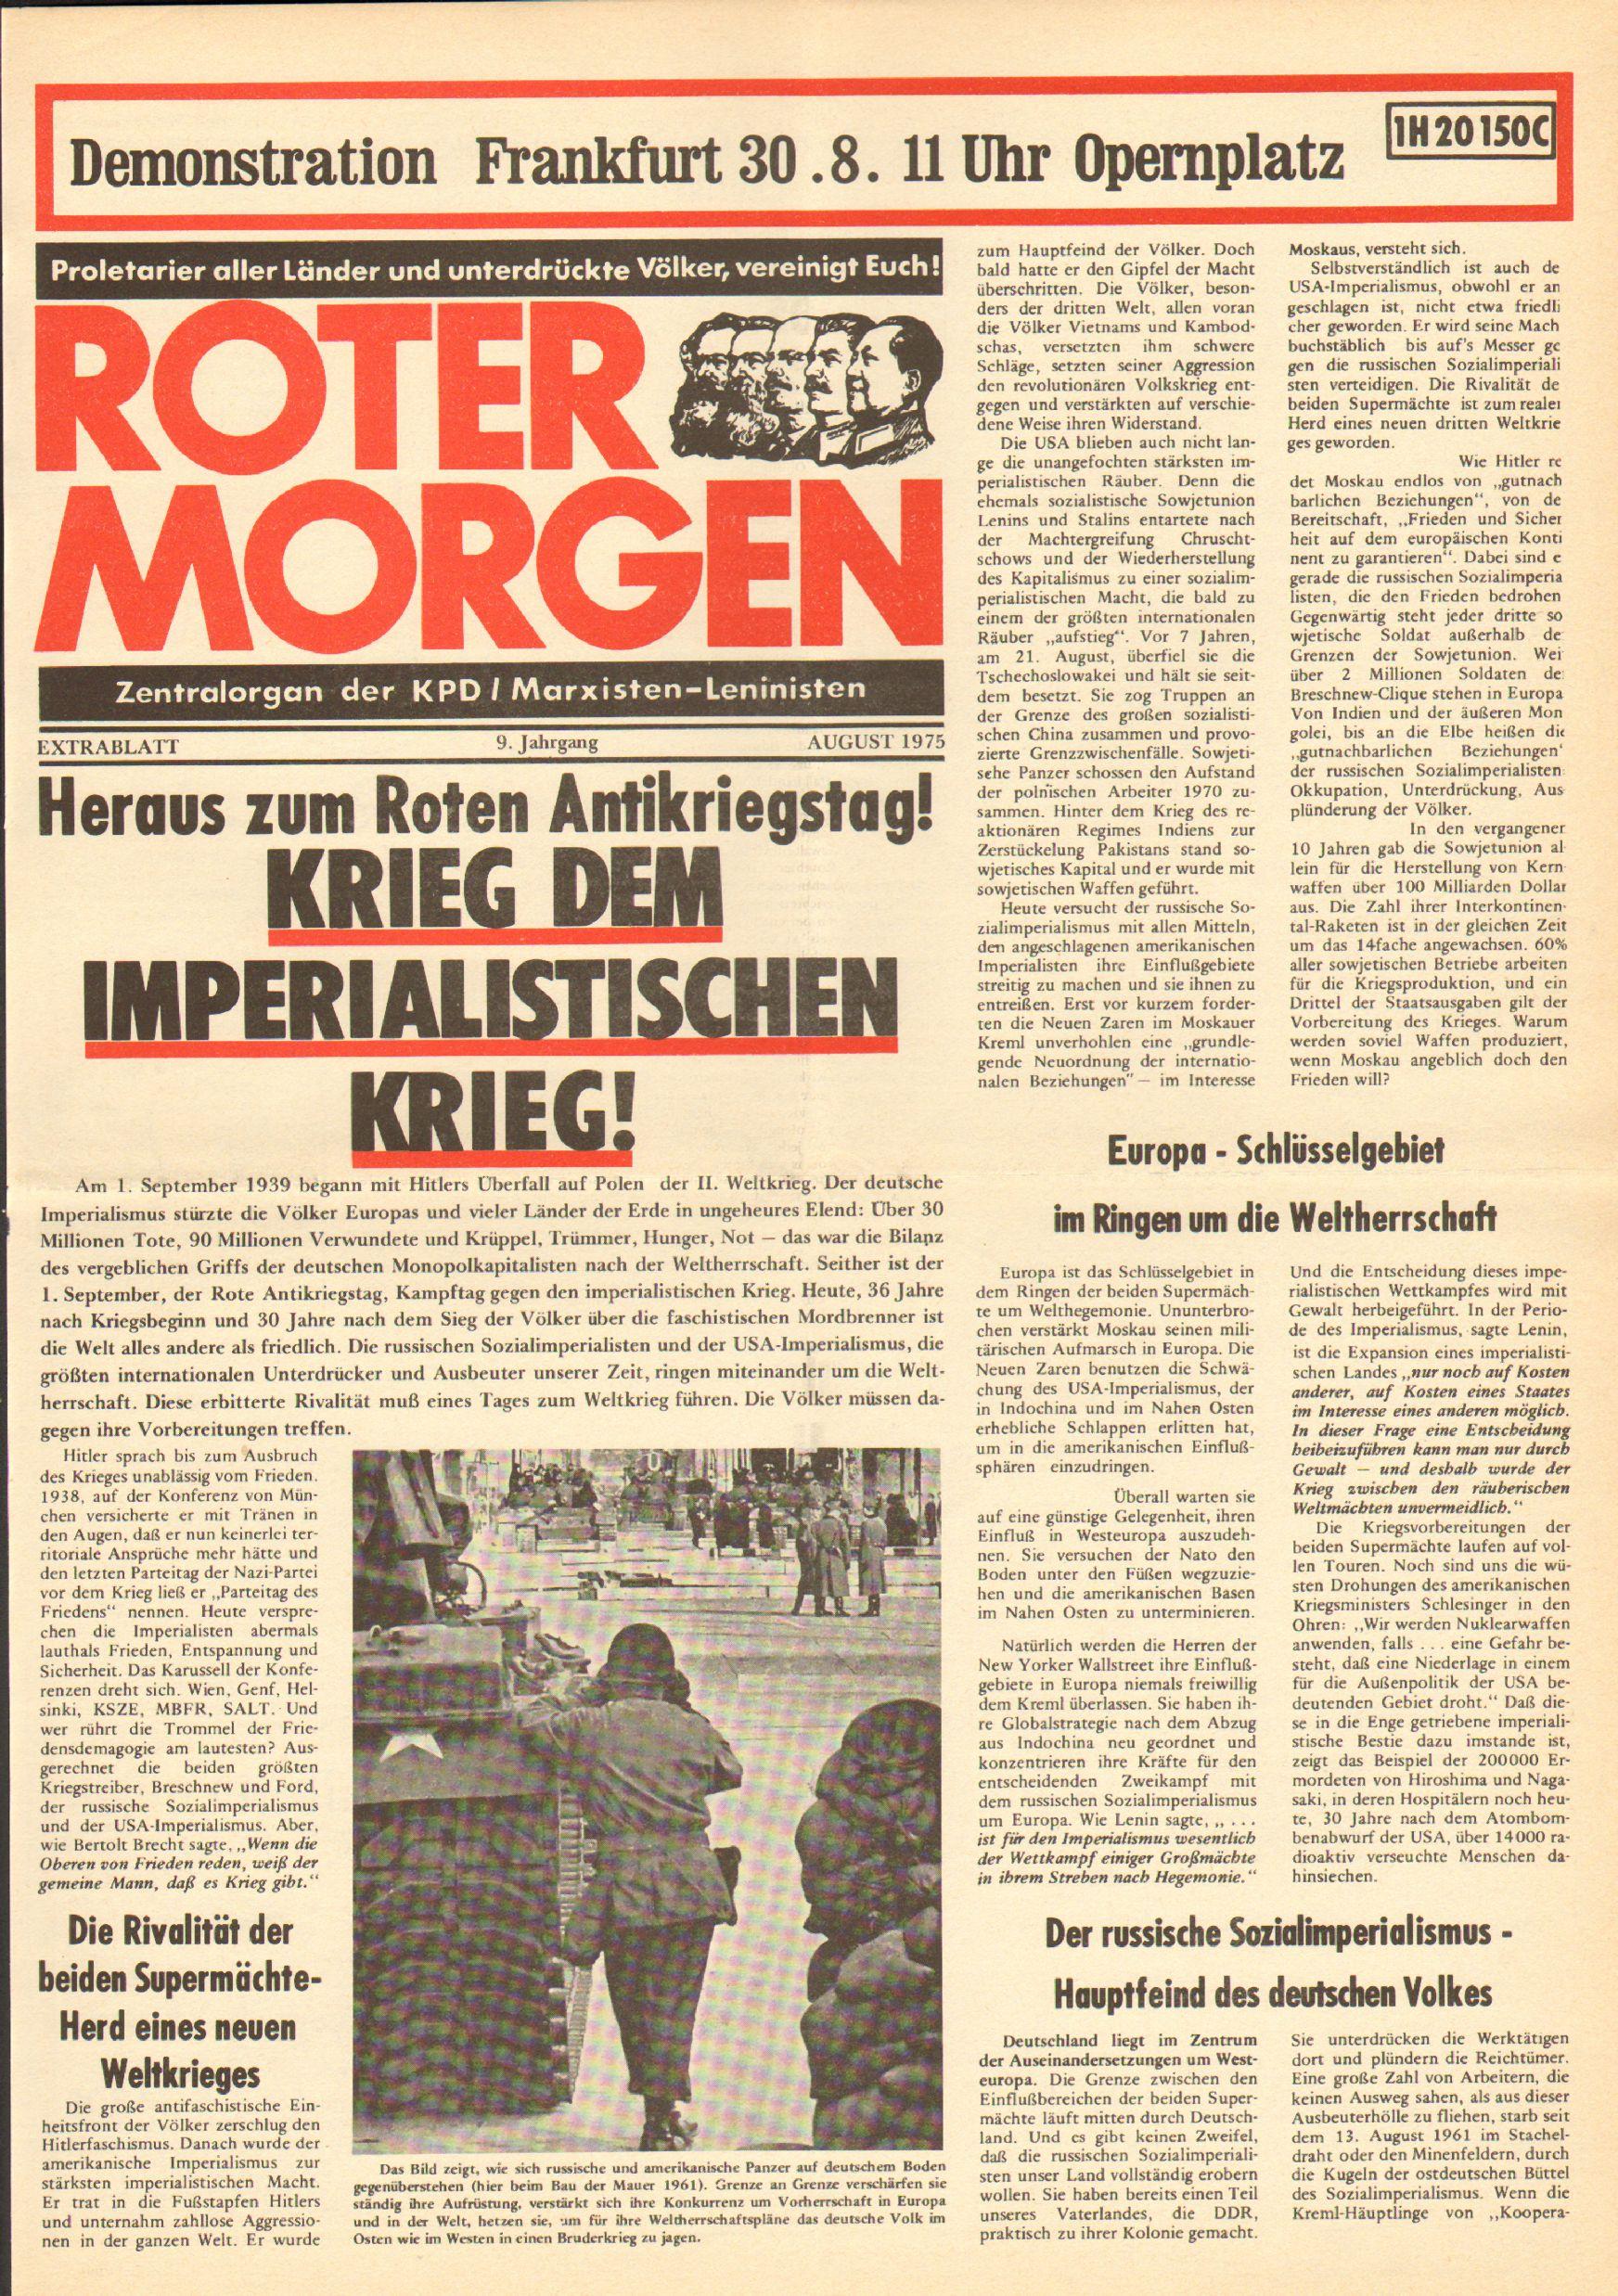 Roter Morgen, 9. Jg., August 1975, Extrablatt zum Antikriegstag, Seite 1